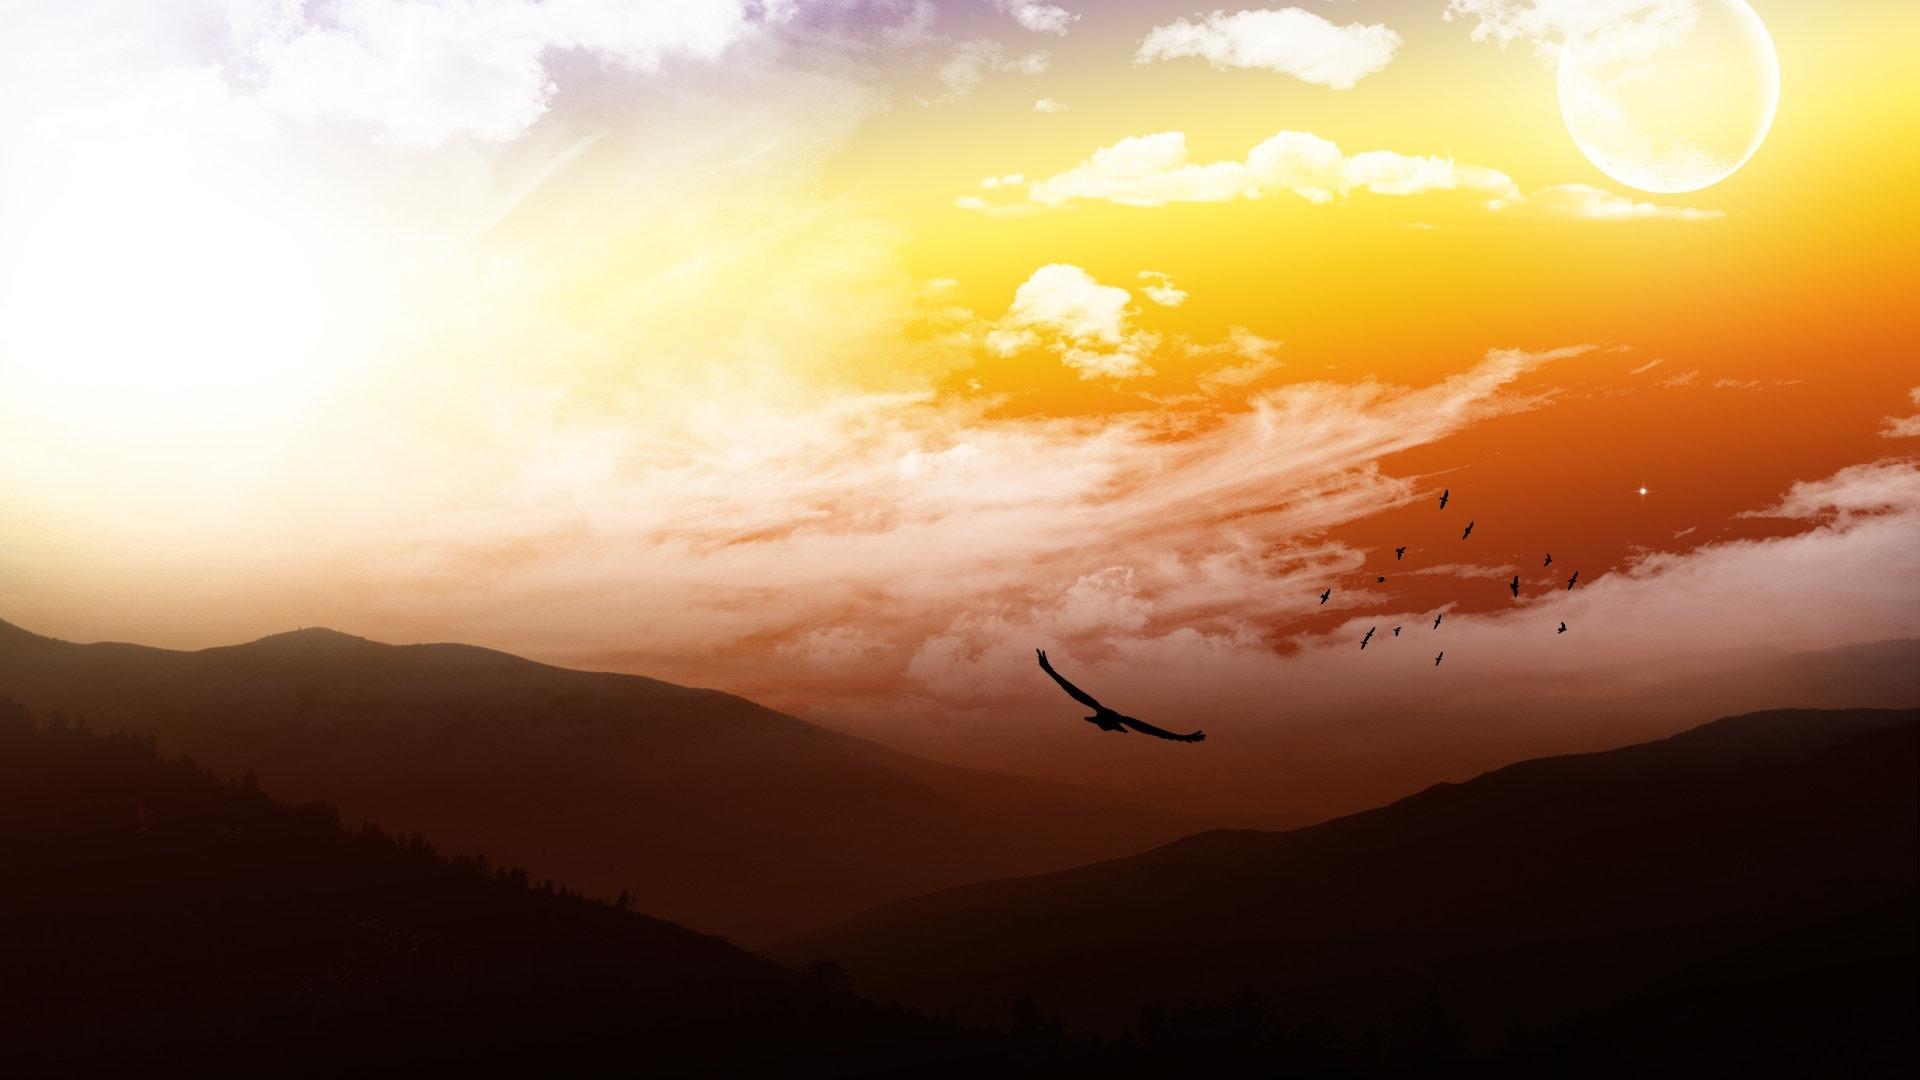 небо и поле обои на рабочий стол